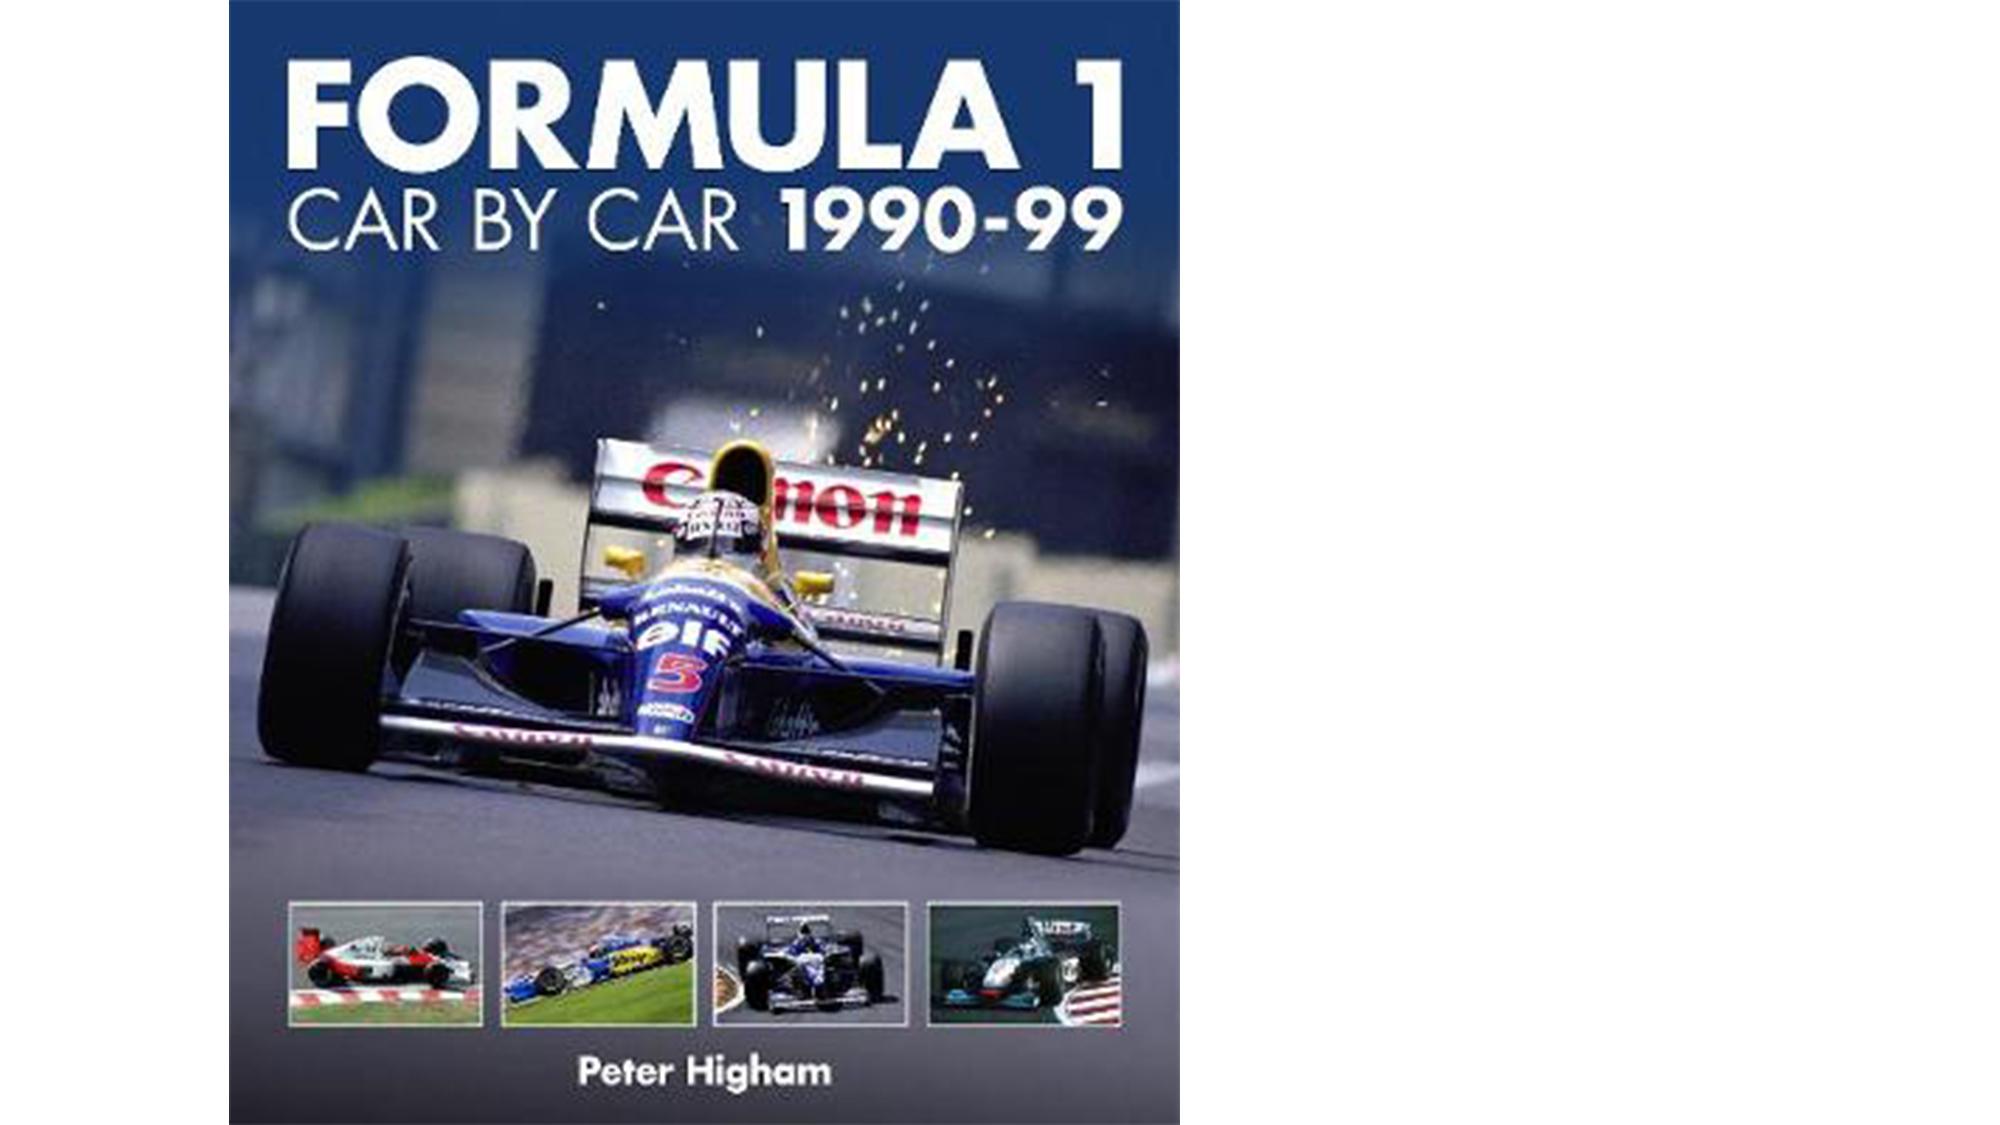 F1 car by car 1990s book